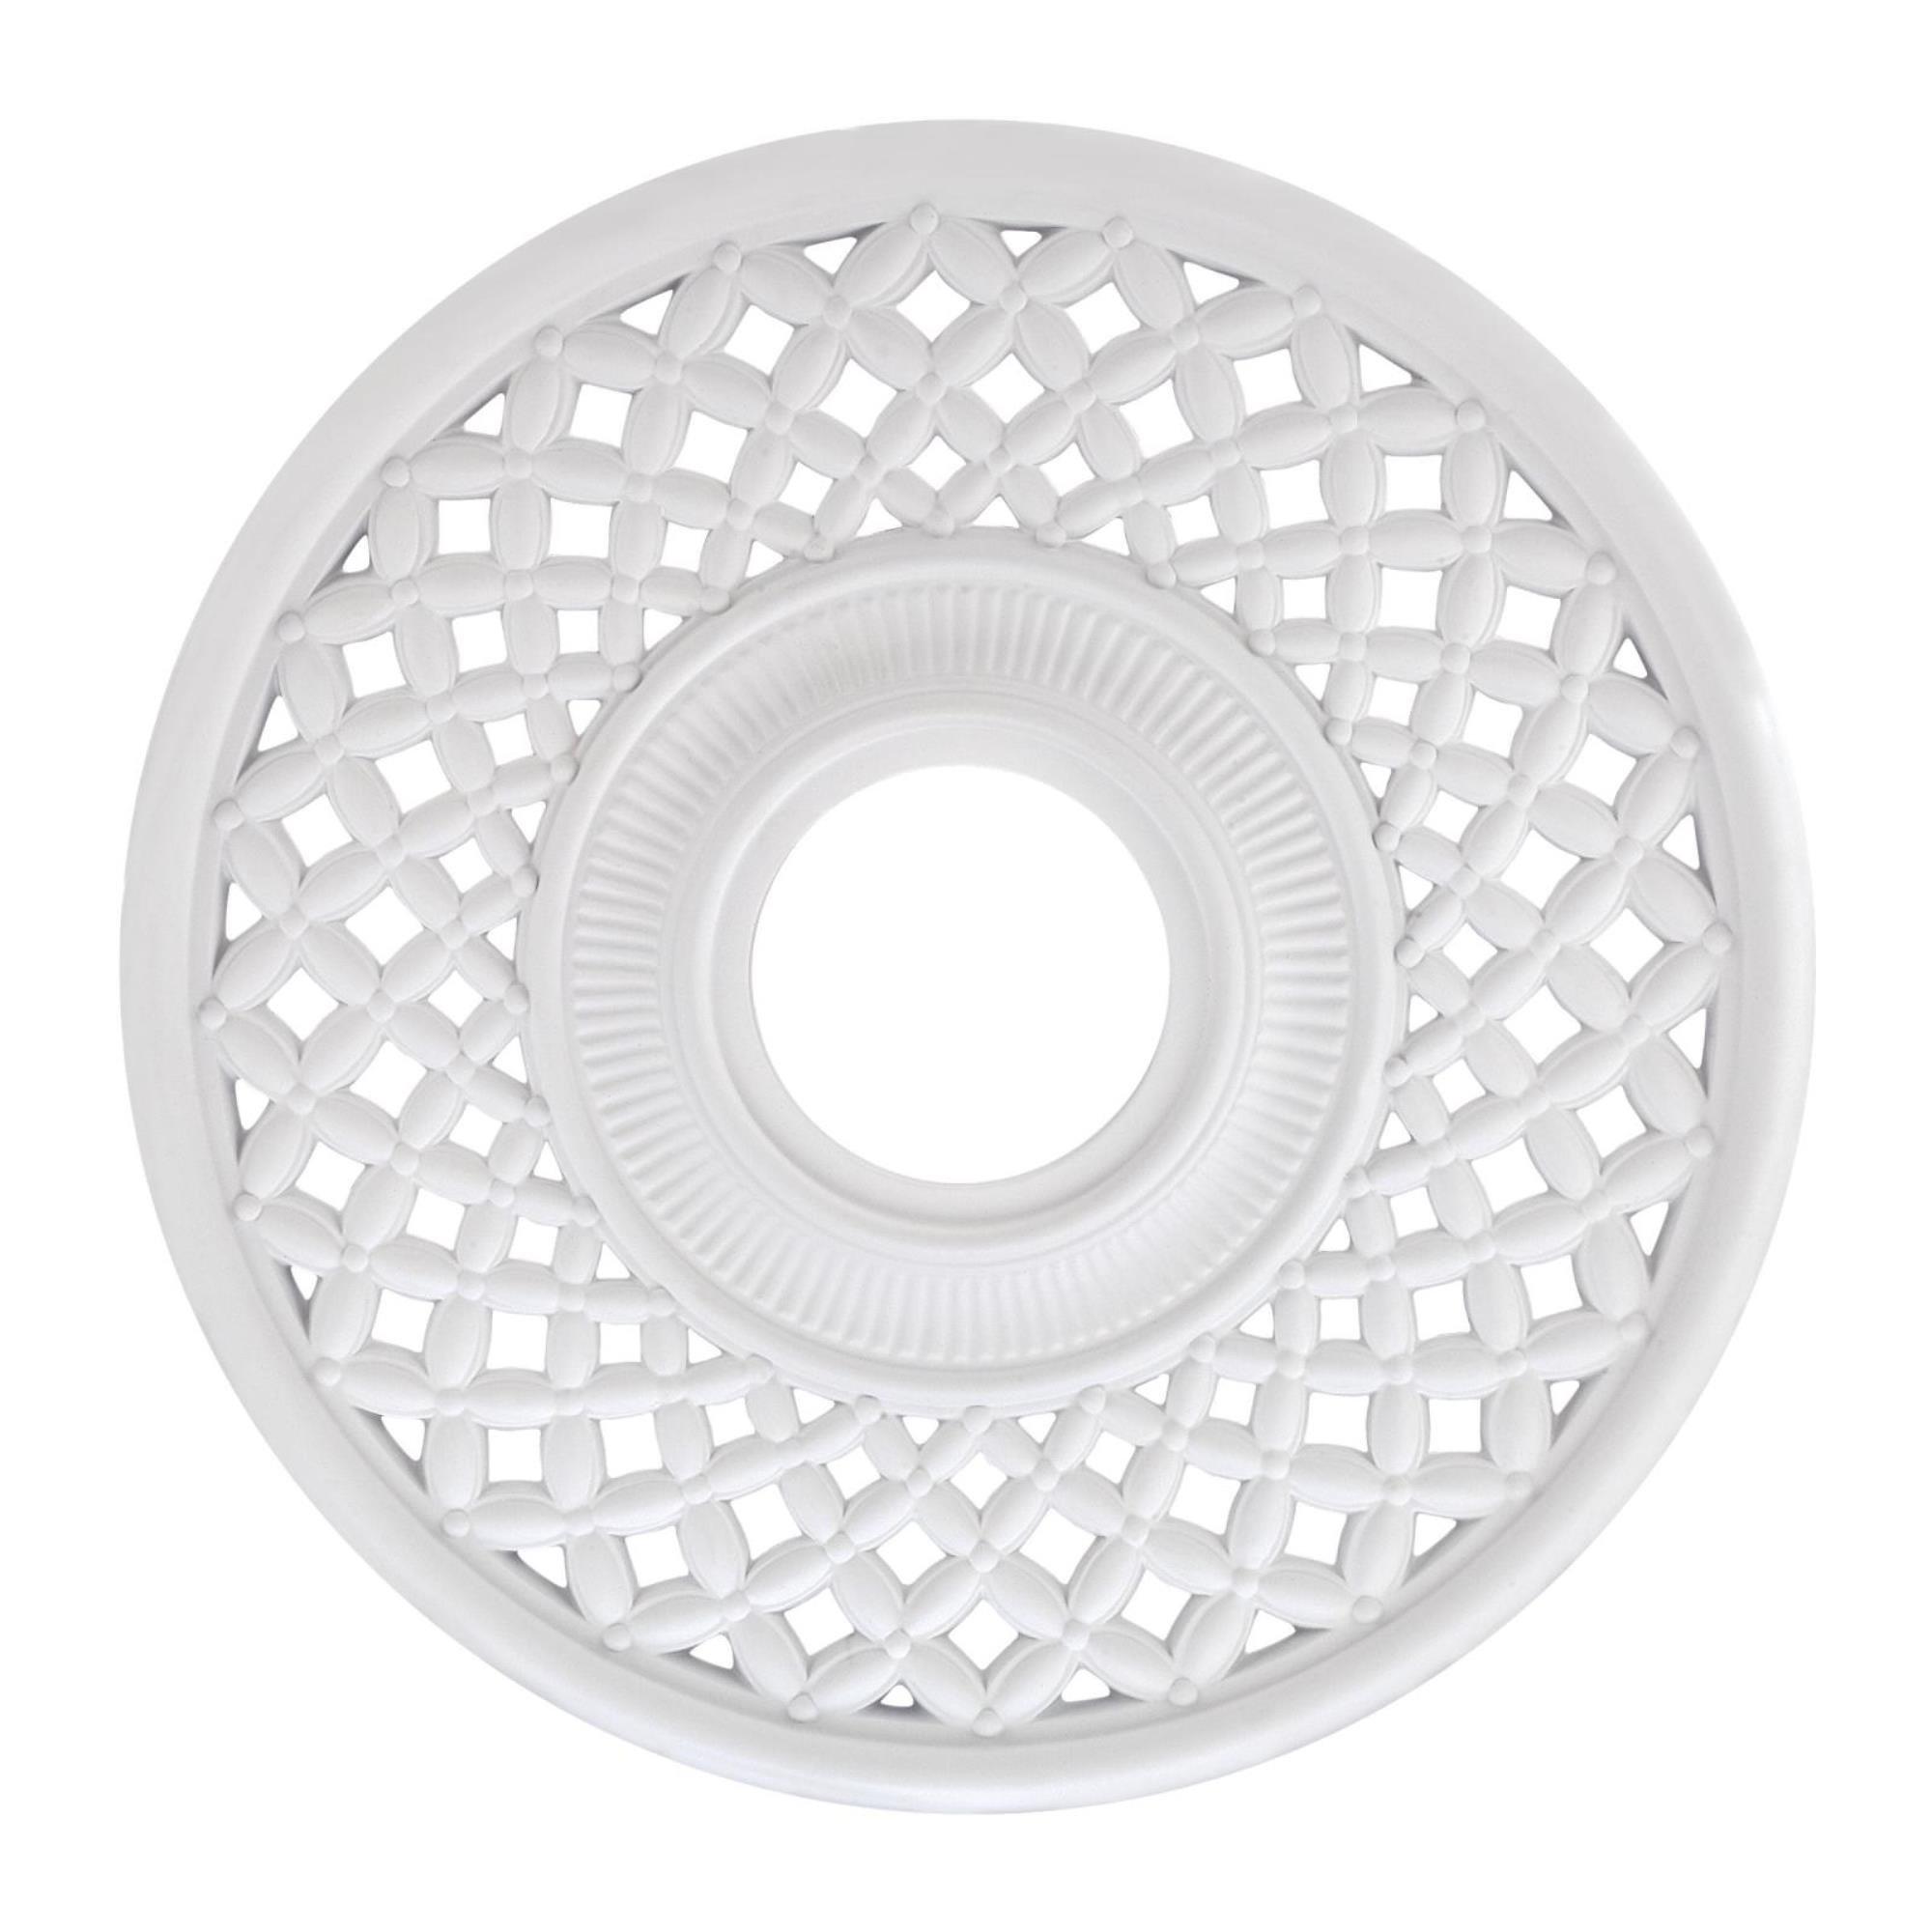 Westinghouse 7771000 12-inch White Finish Botino Ceiling Medallion